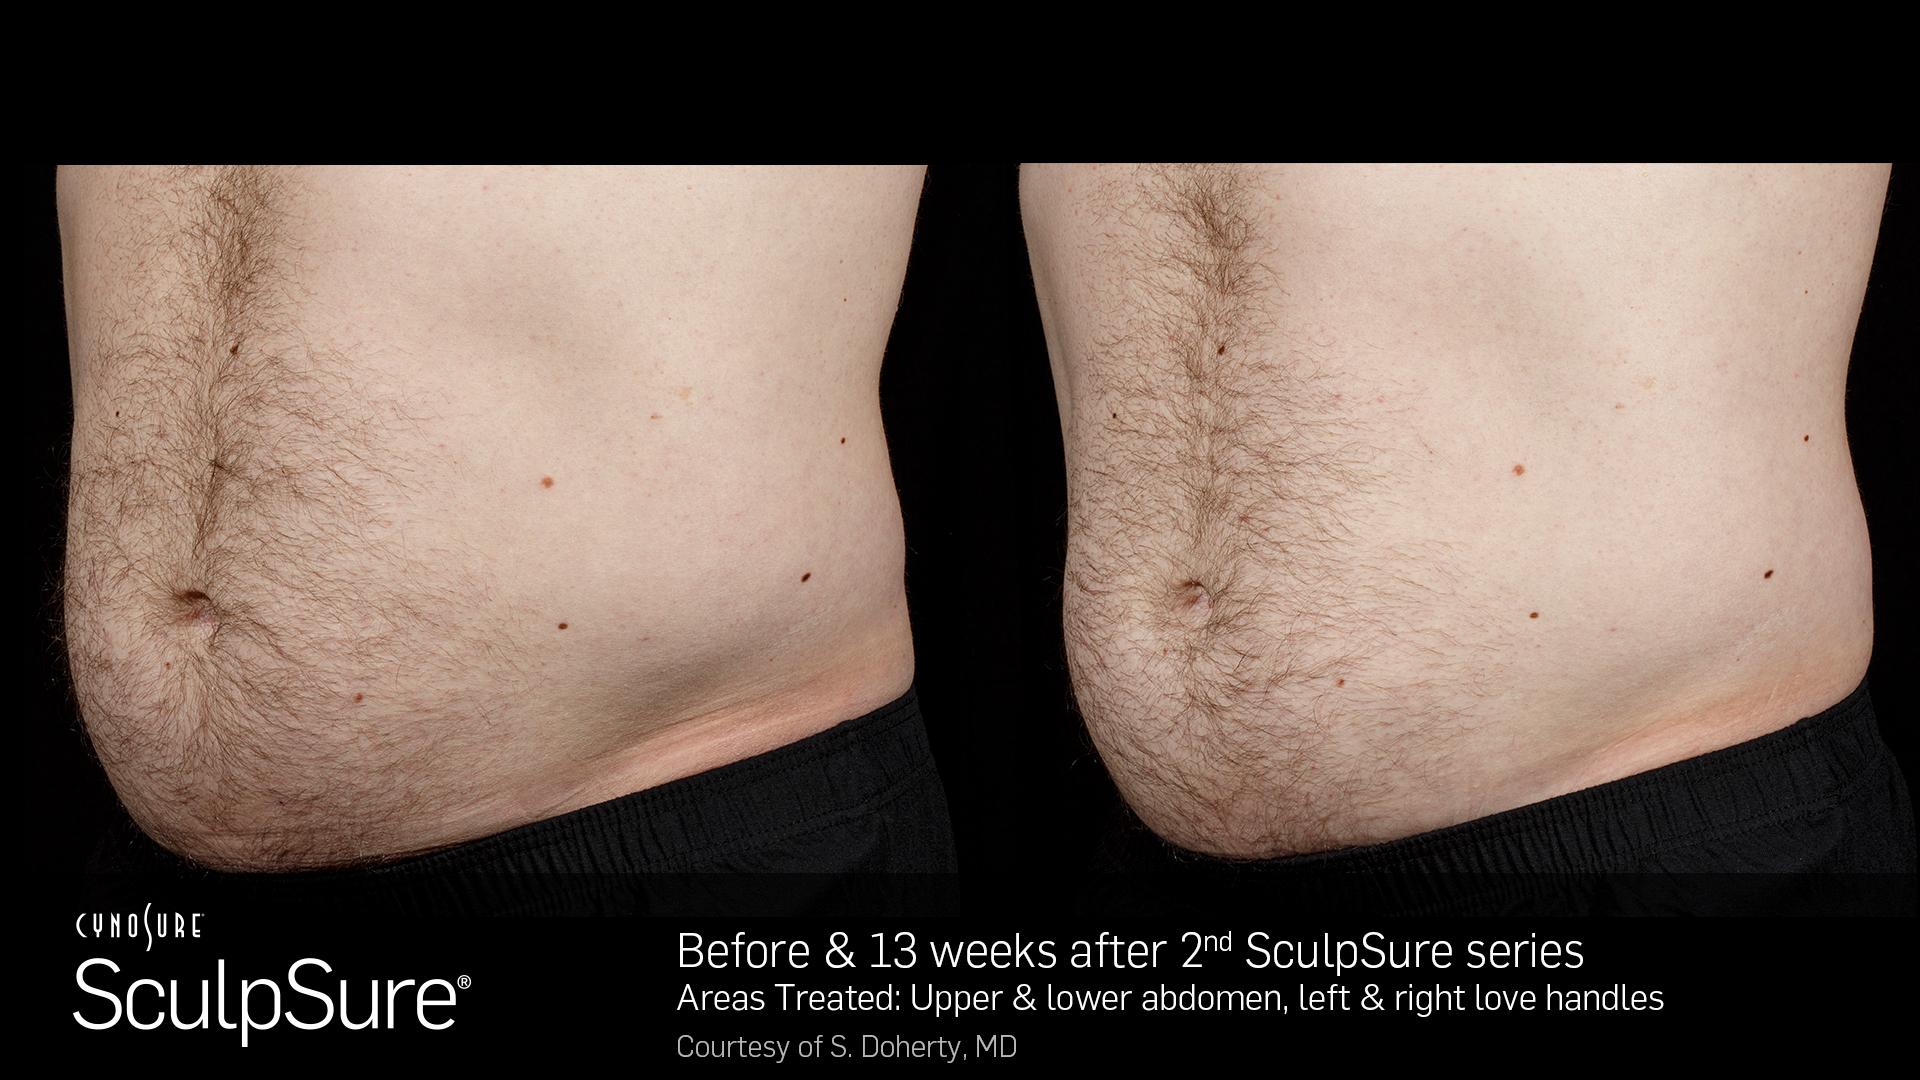 SculpSureBefore&After_SidebySide_Male6.jpg